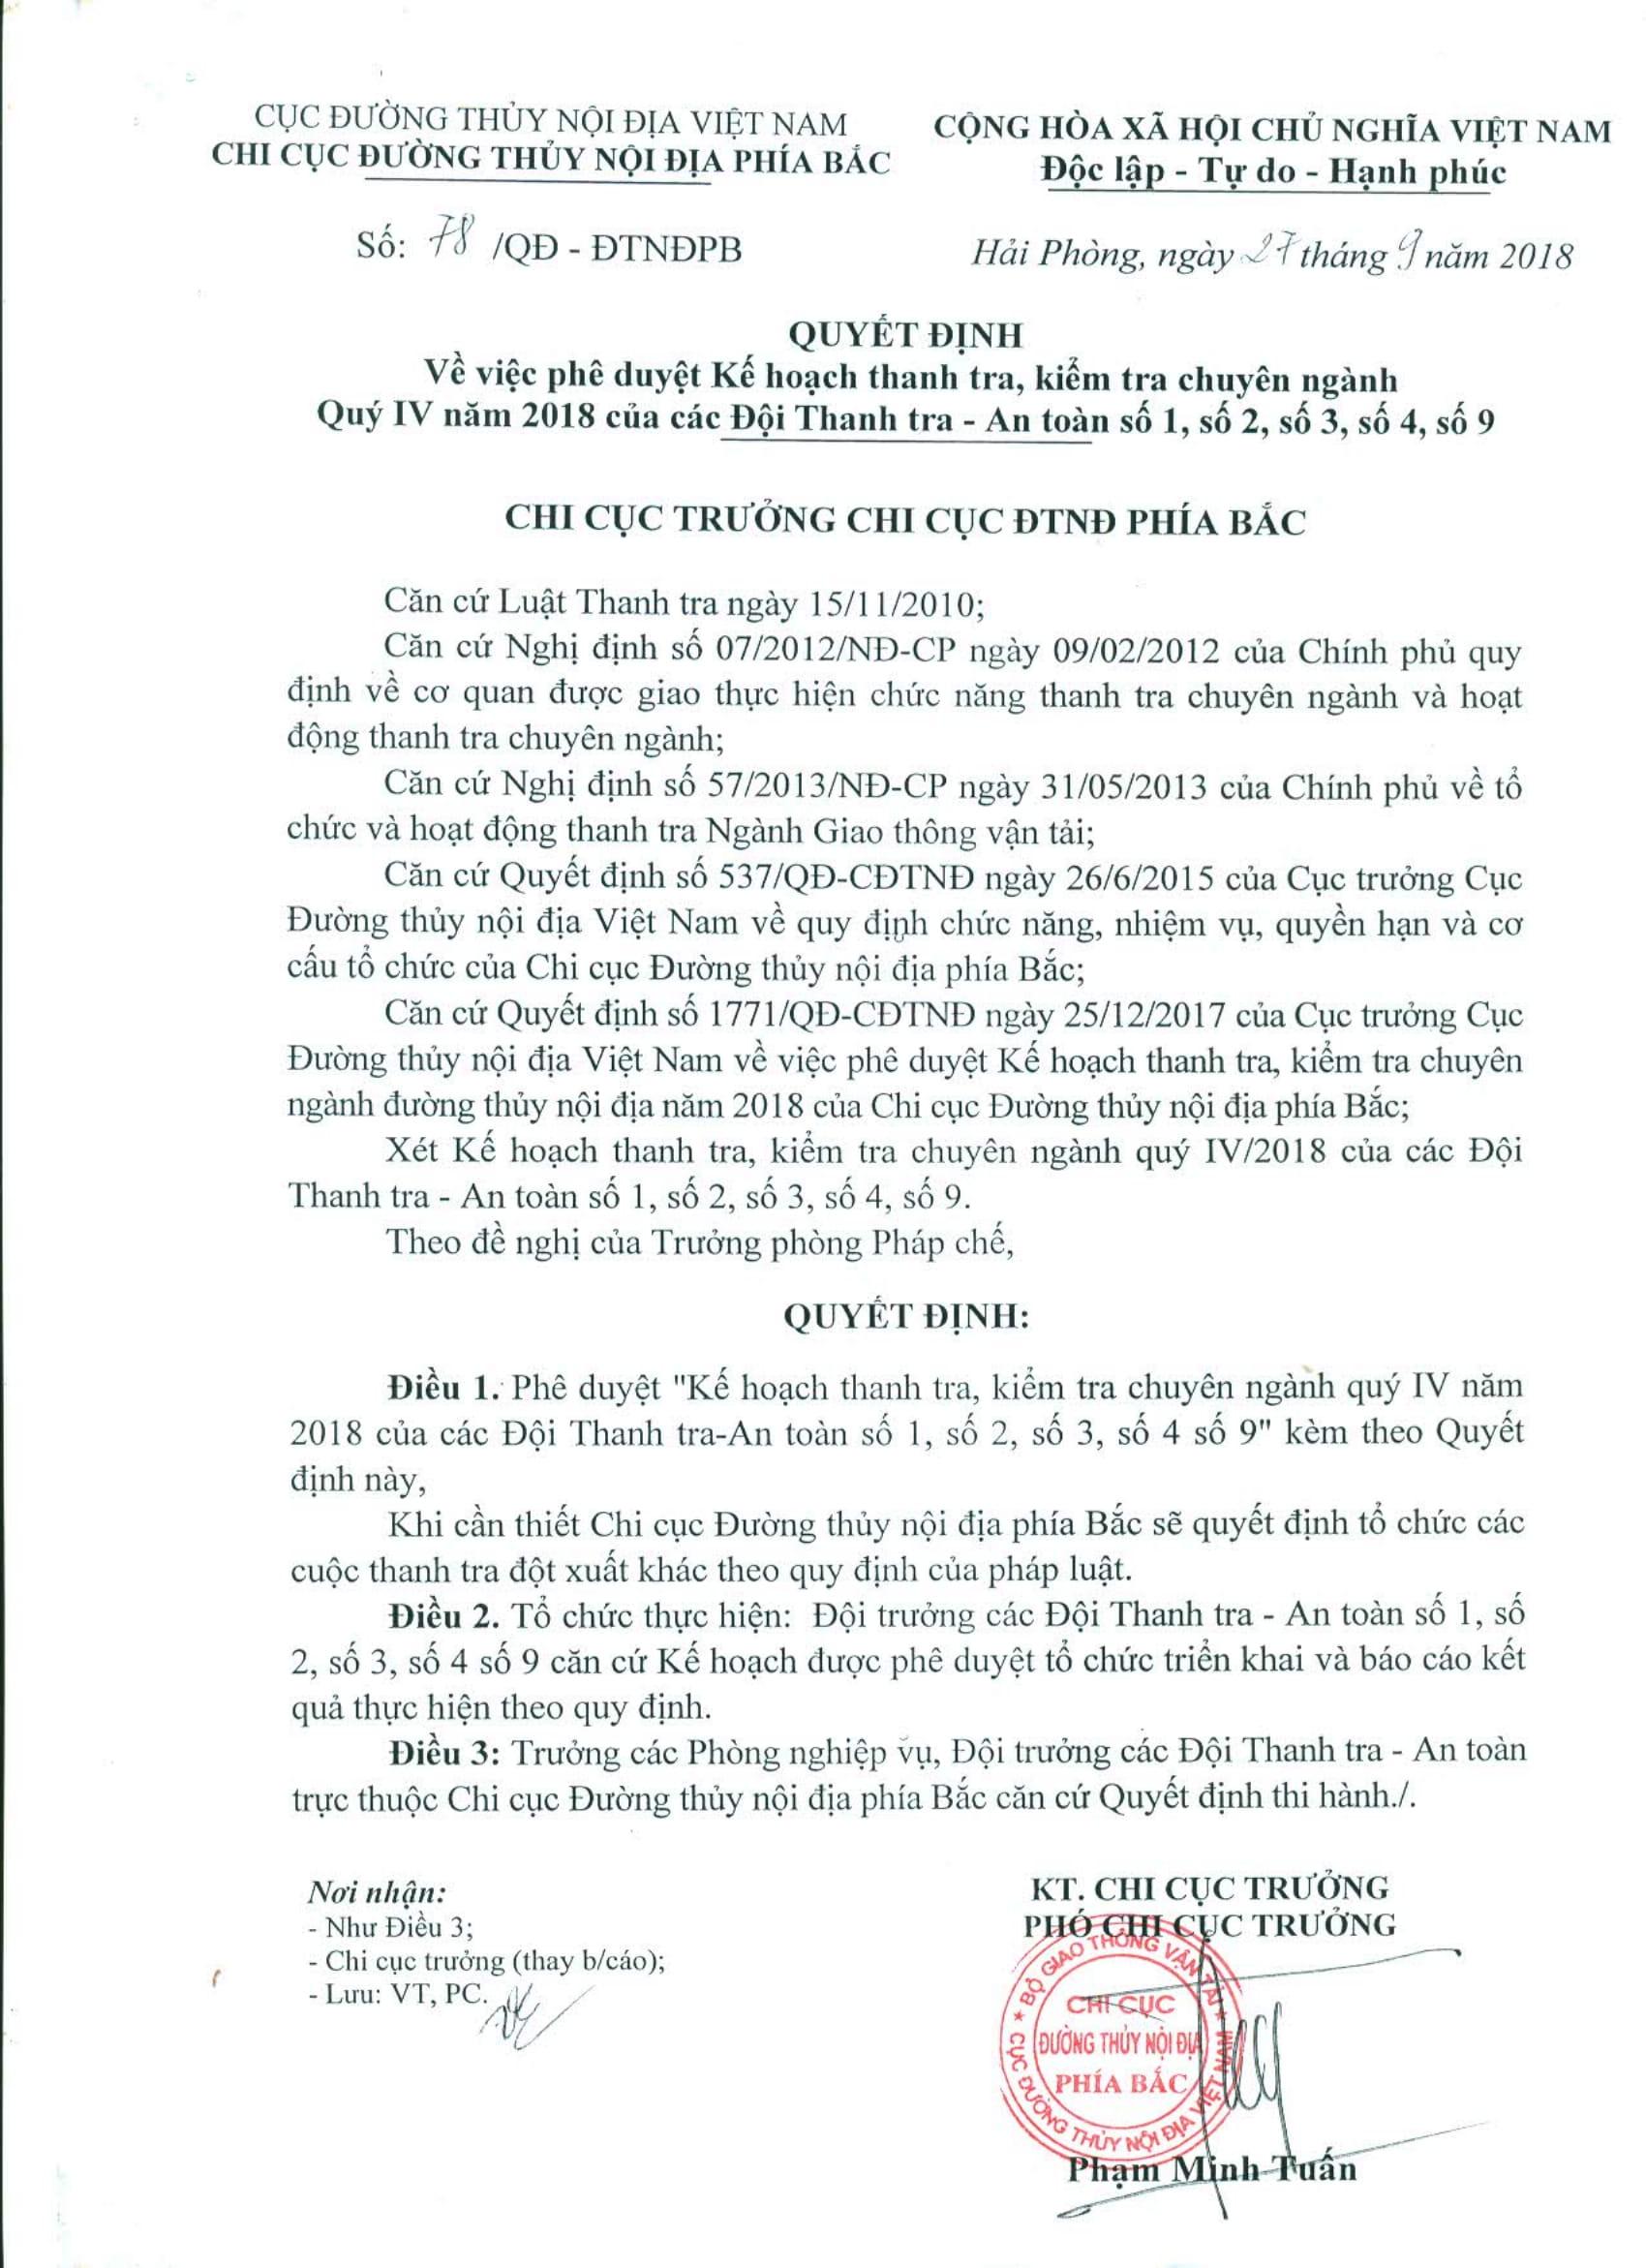 QĐ 78 Phê duyệt kế hoạch thanh tra Quý IV.2018